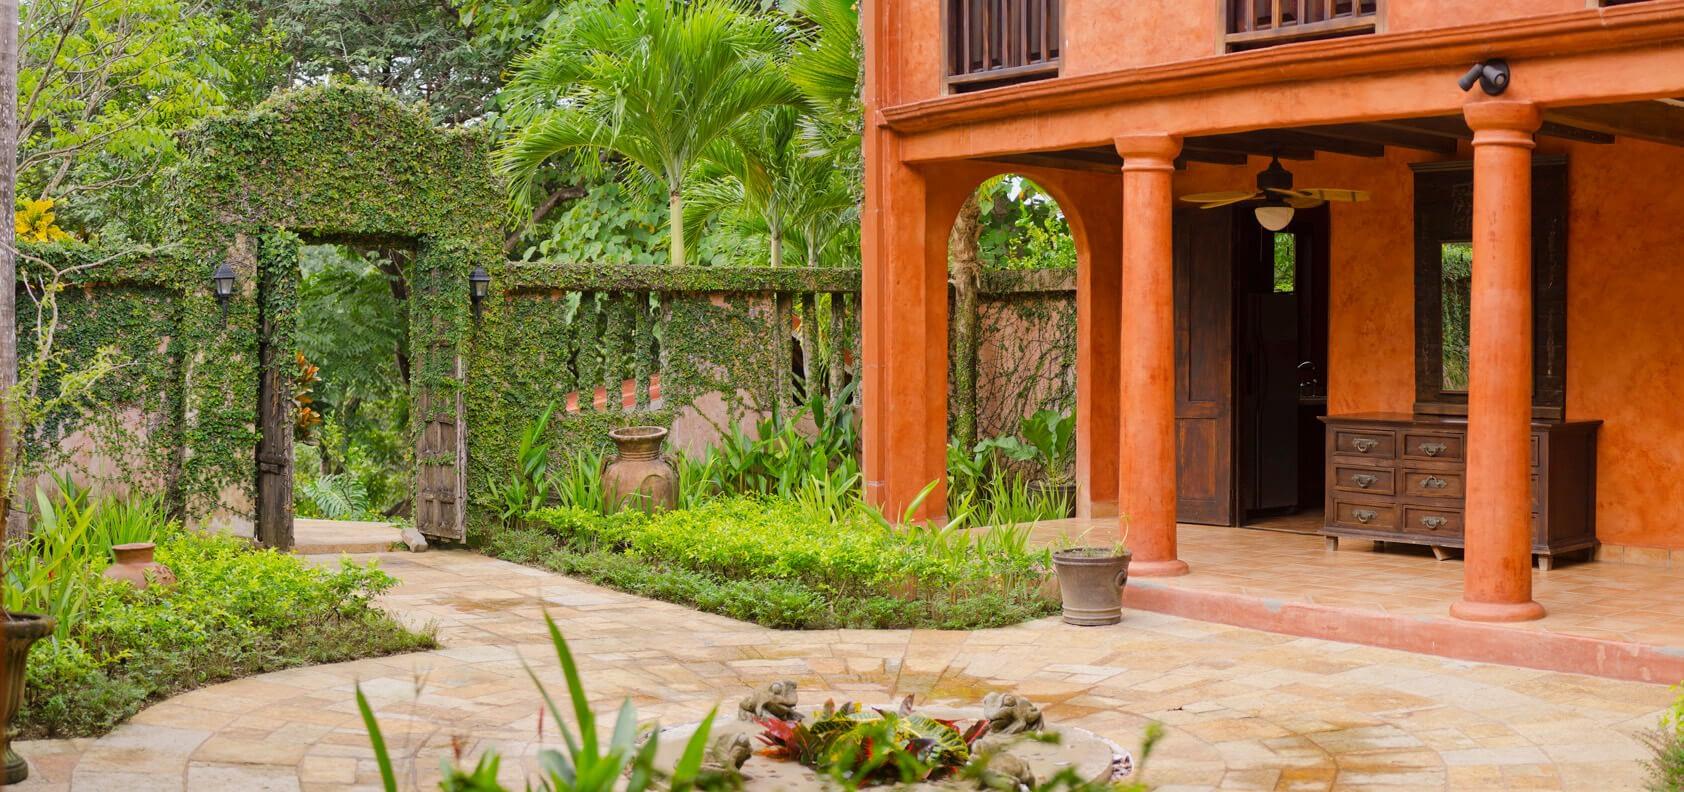 Casa Barrigona Entrance Panorama